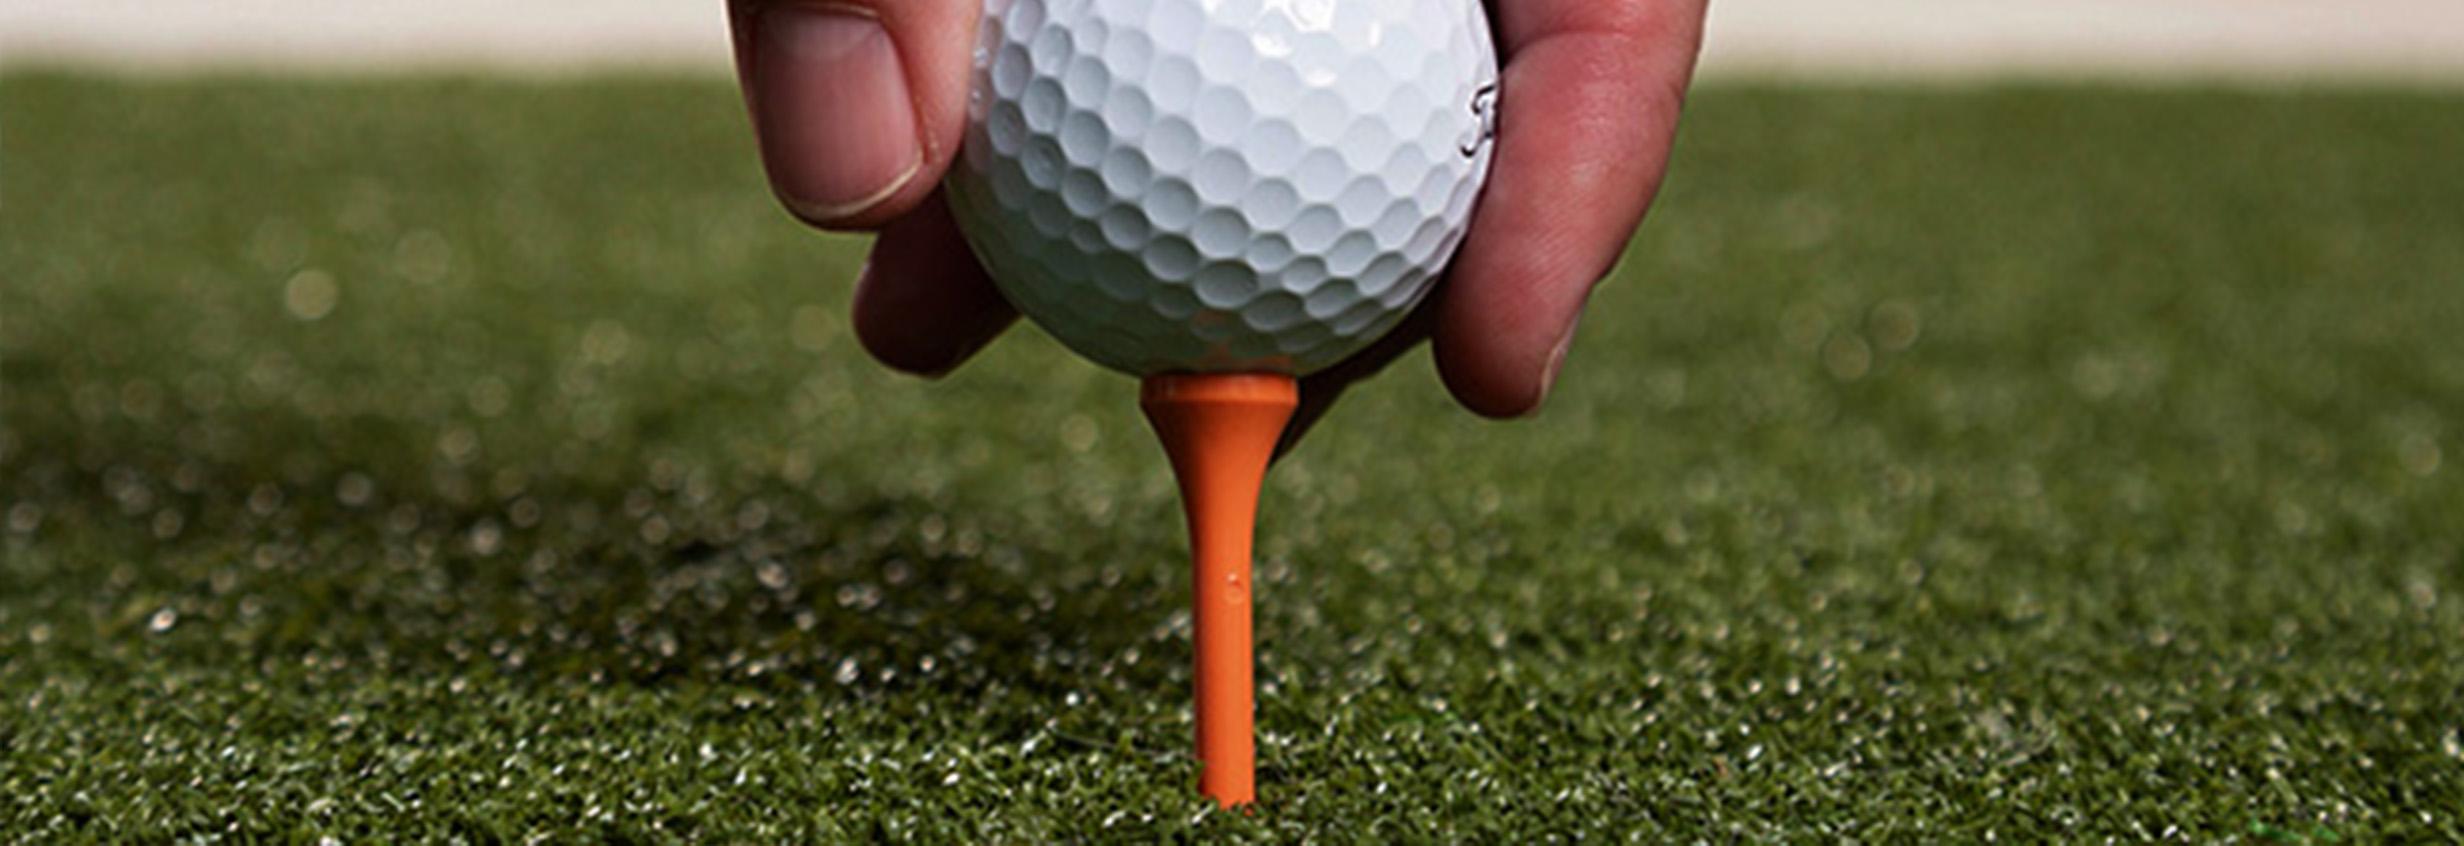 Golf Hitting Mats